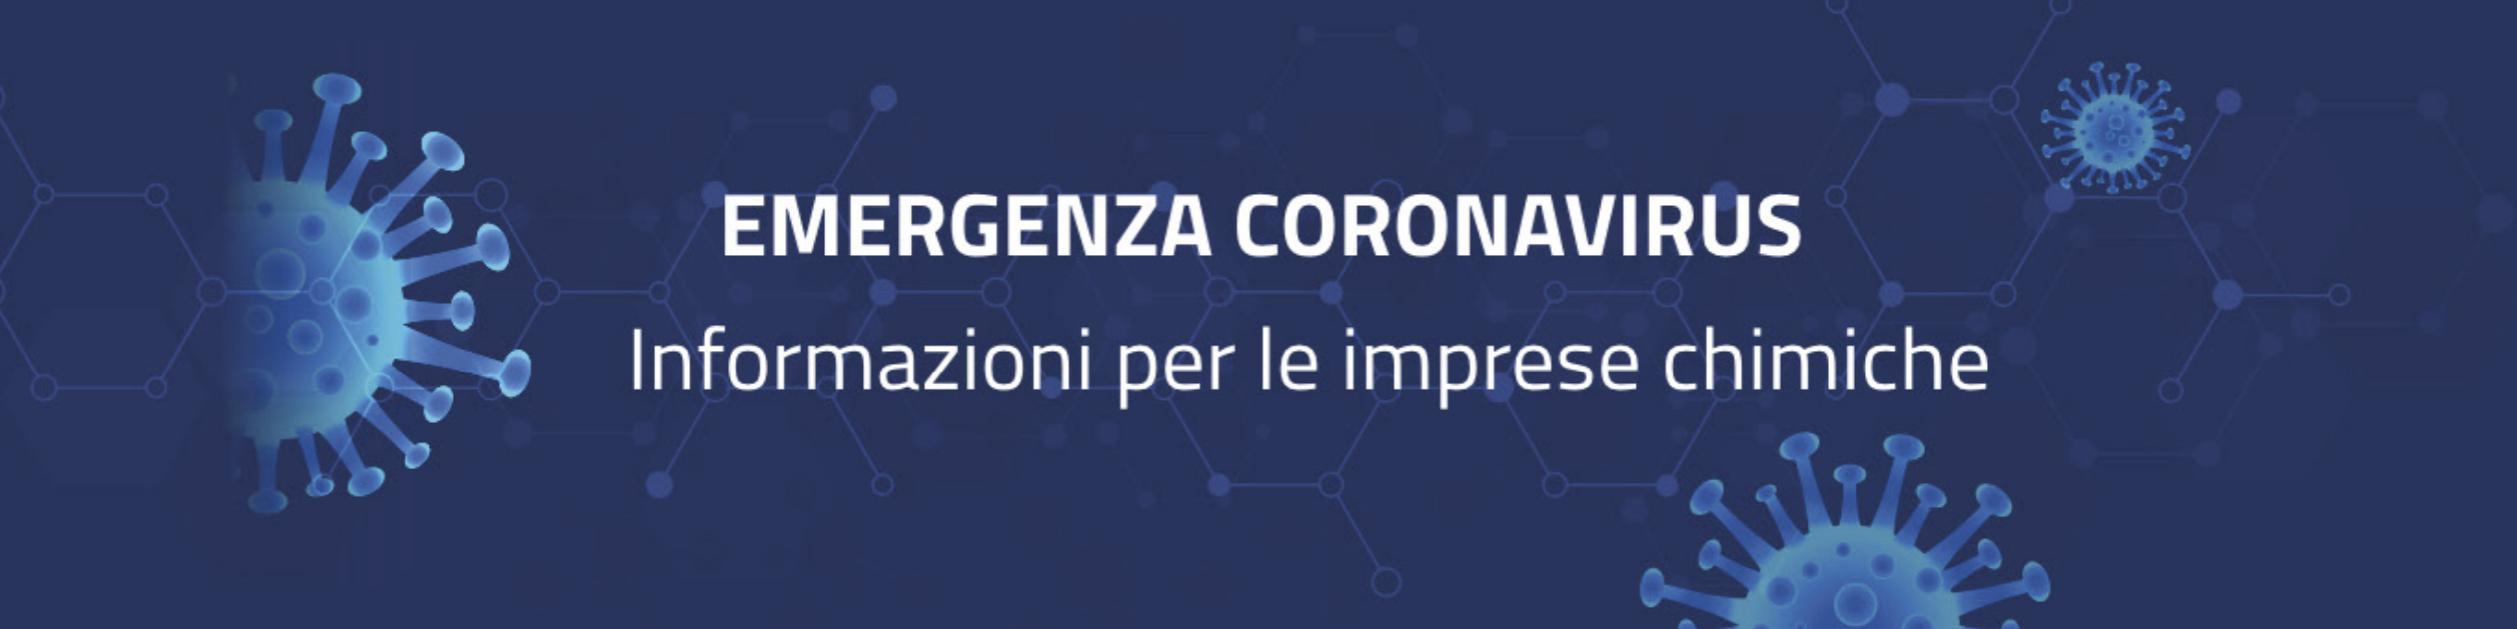 Emergenza Coronavirus - Informazioni per le imprese chimiche